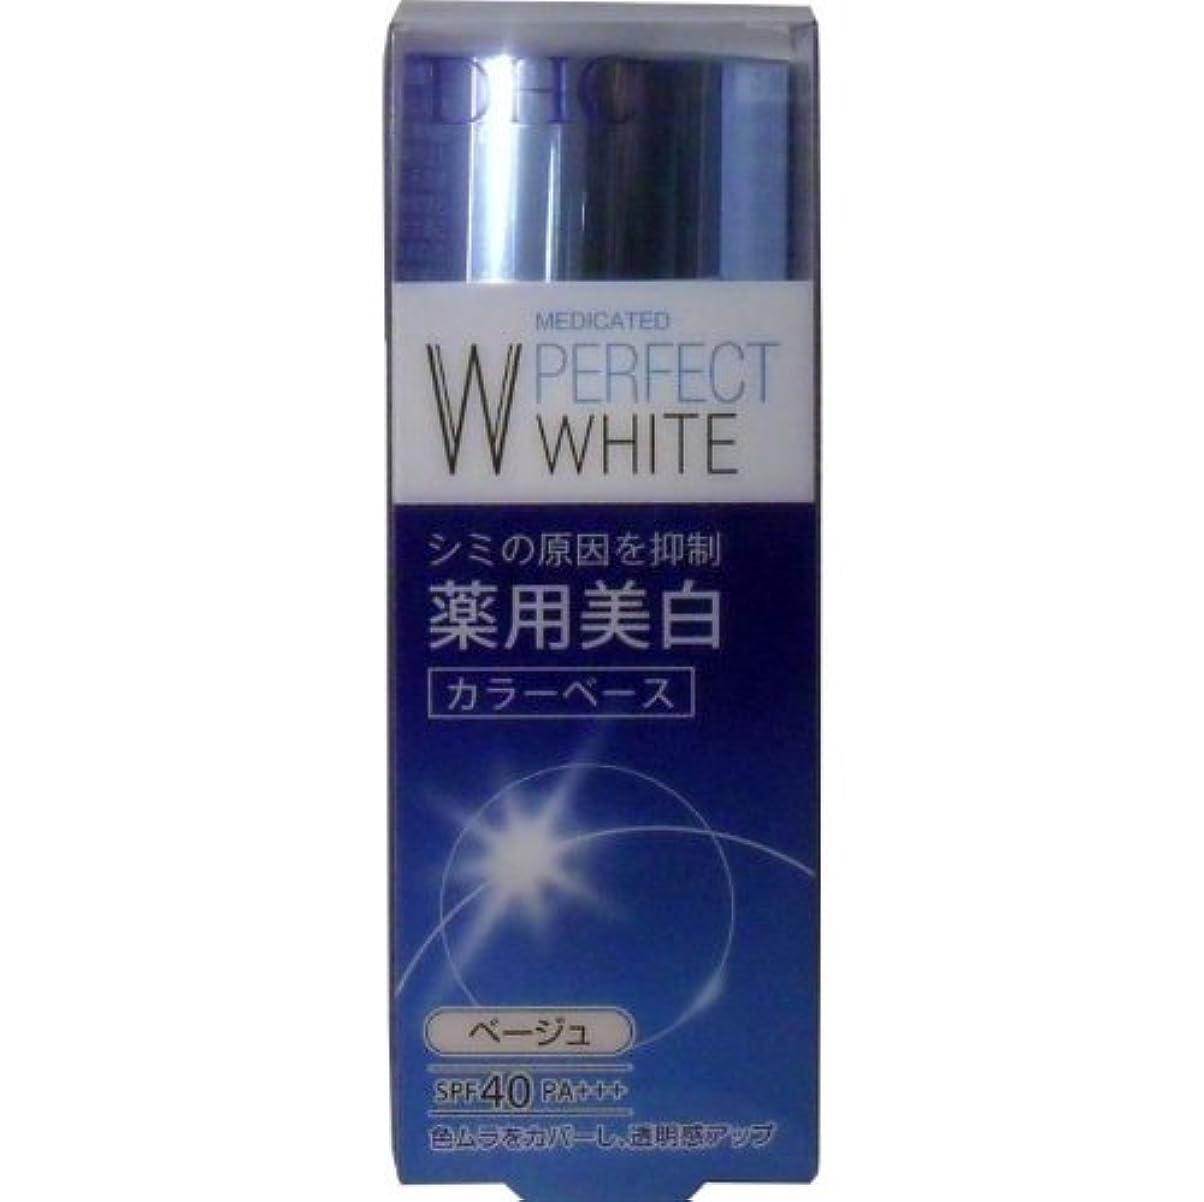 クラウンかみそり罹患率DHC 薬用美白パーフェクトホワイト カラーベース ベージュ 30g